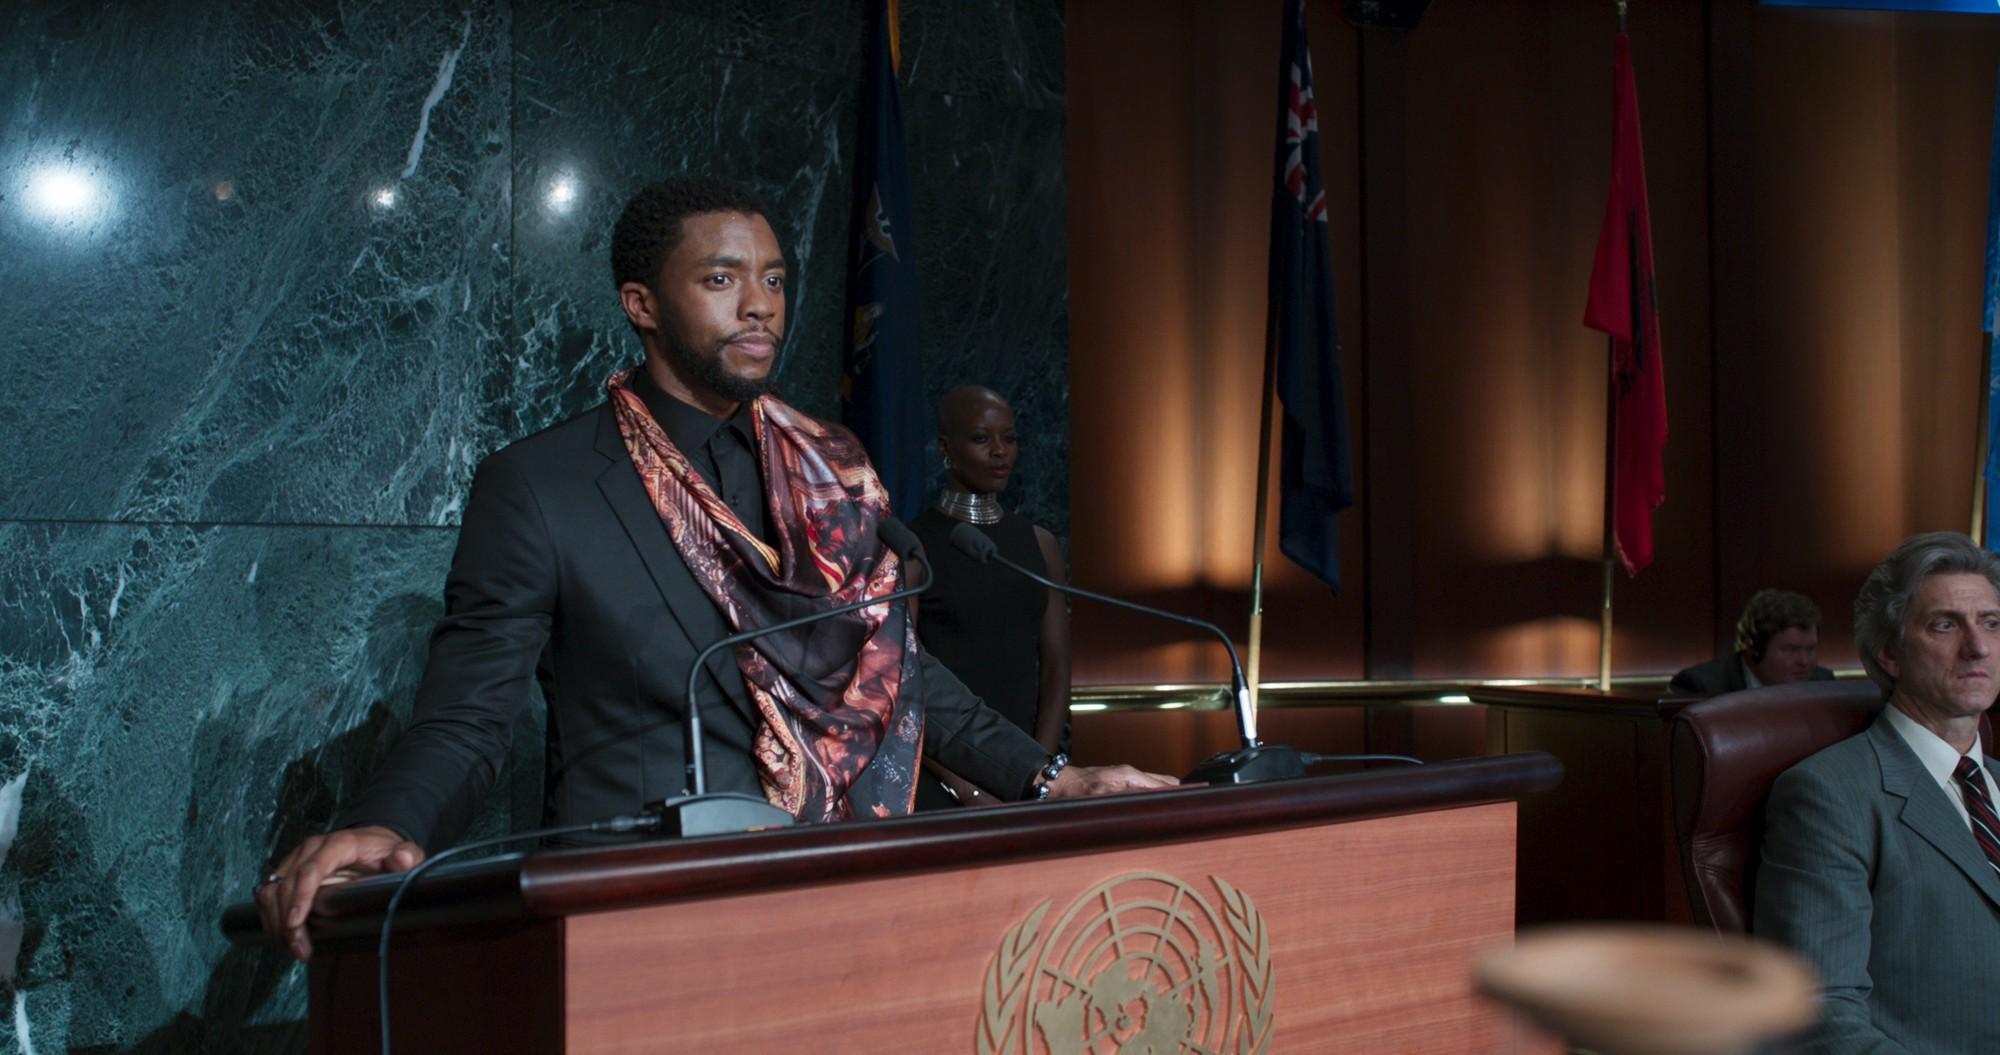 Black Panther: Tác phẩm siêu anh hùng Marvel tuyệt vời nhất từ trước đến nay! - Ảnh 4.